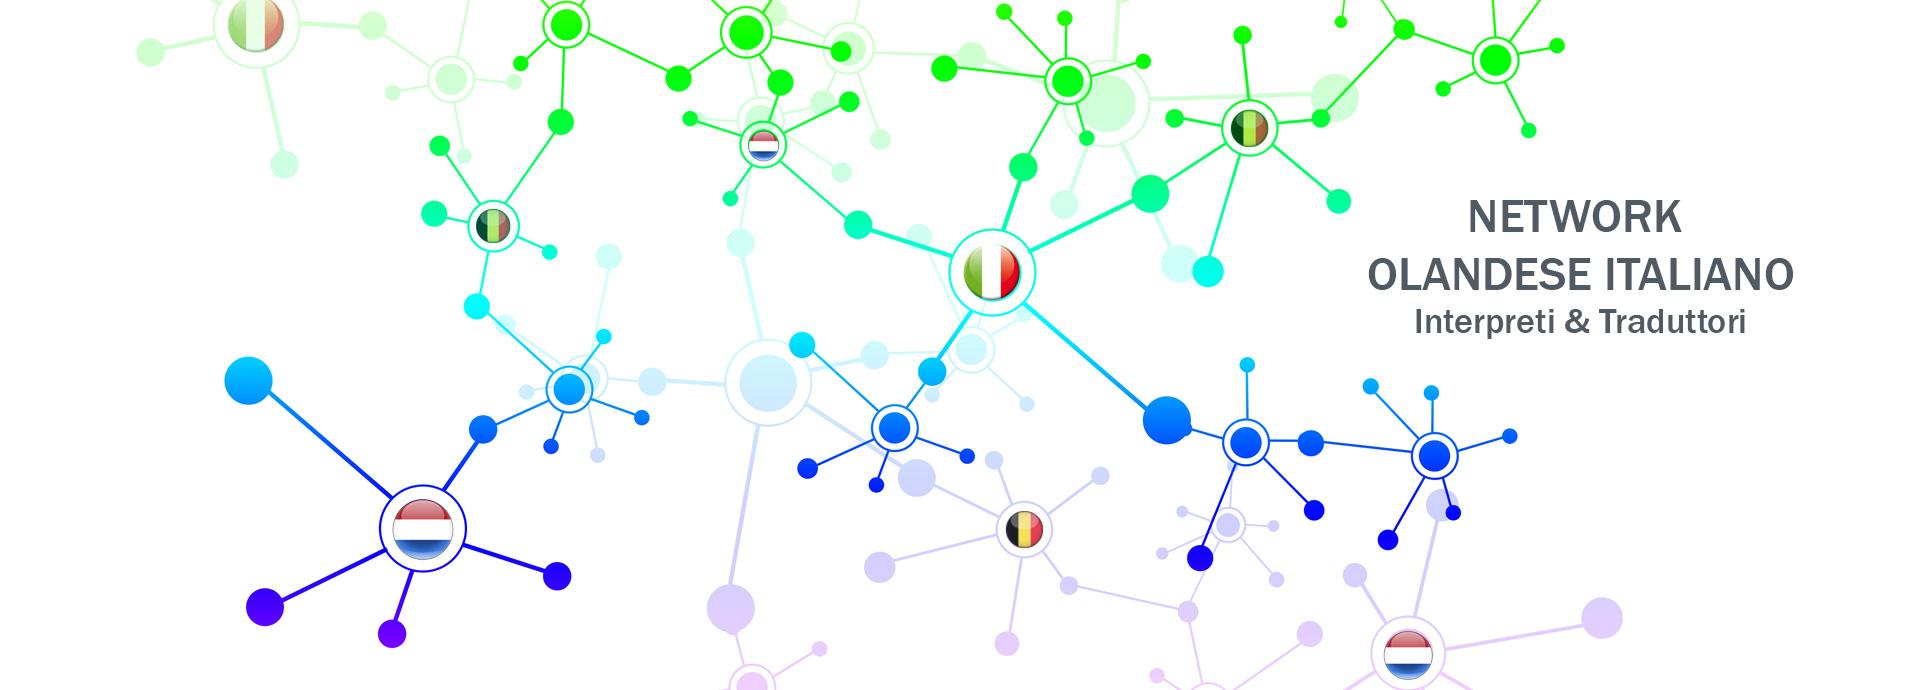 traduttori interpreti olandese netwerk